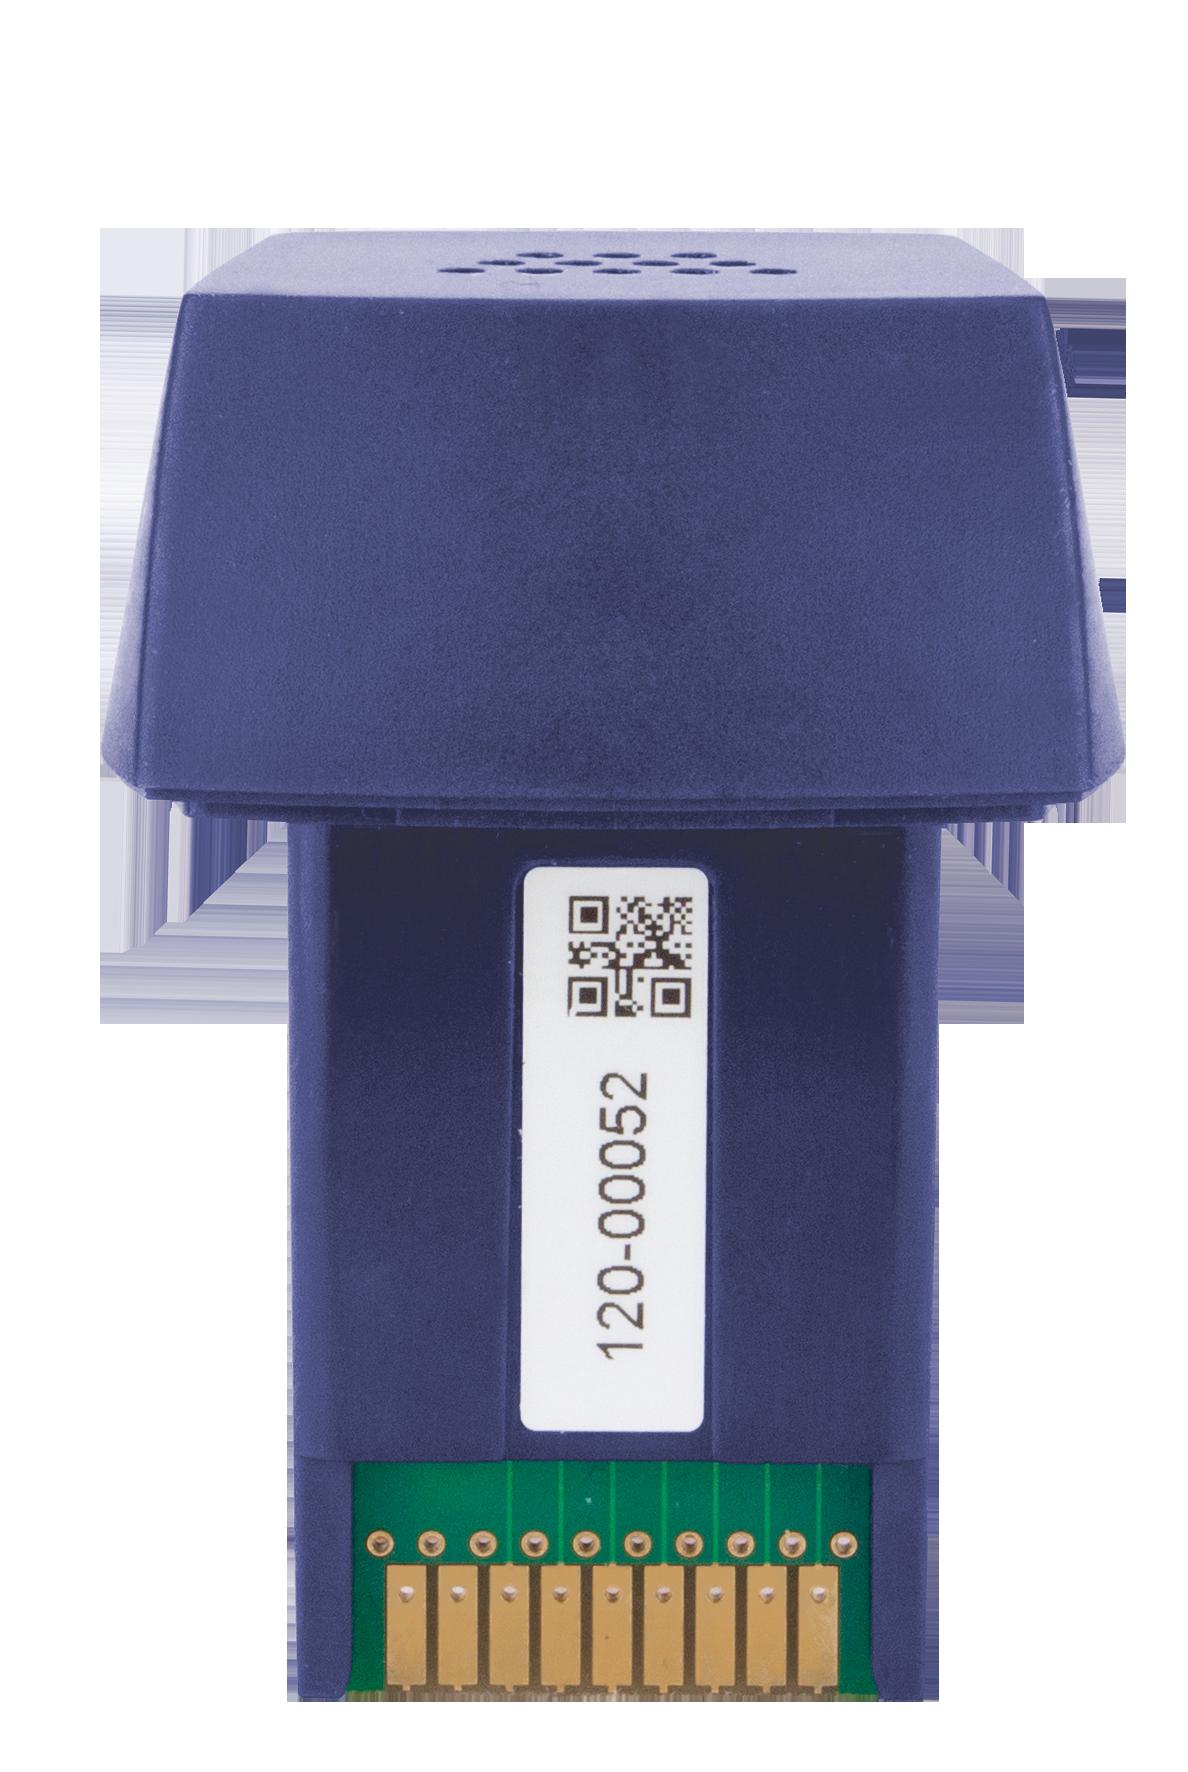 12b3 Wymienne głowice pomiarowe do urządzeń CAPBs STm i CAPBs device